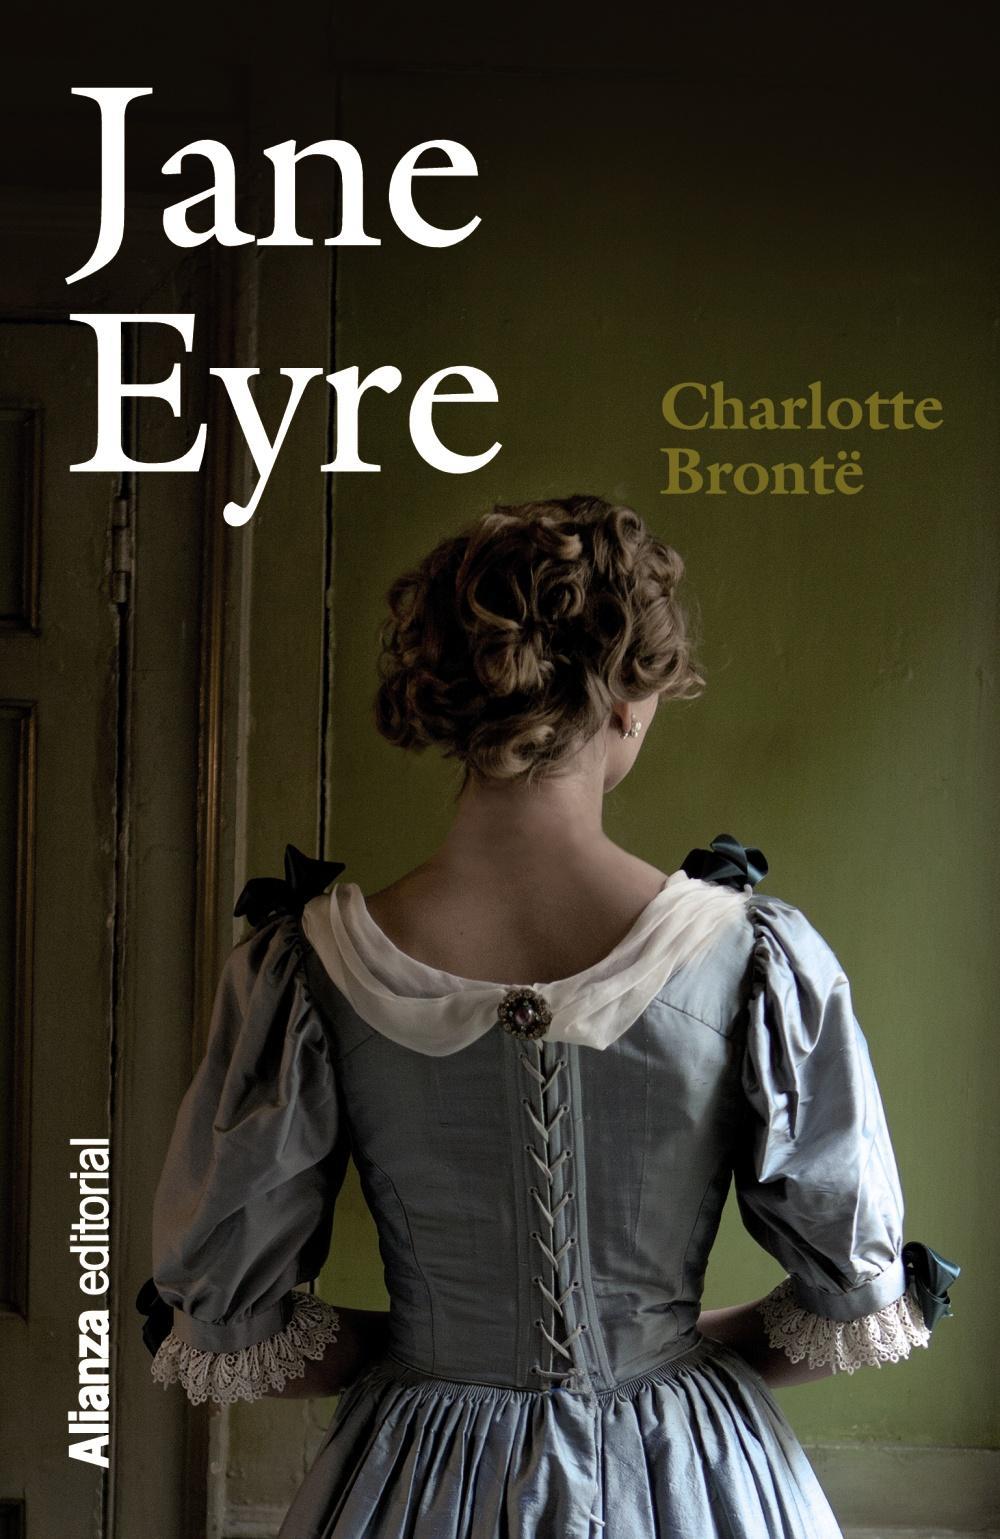 12. Jane Eyre